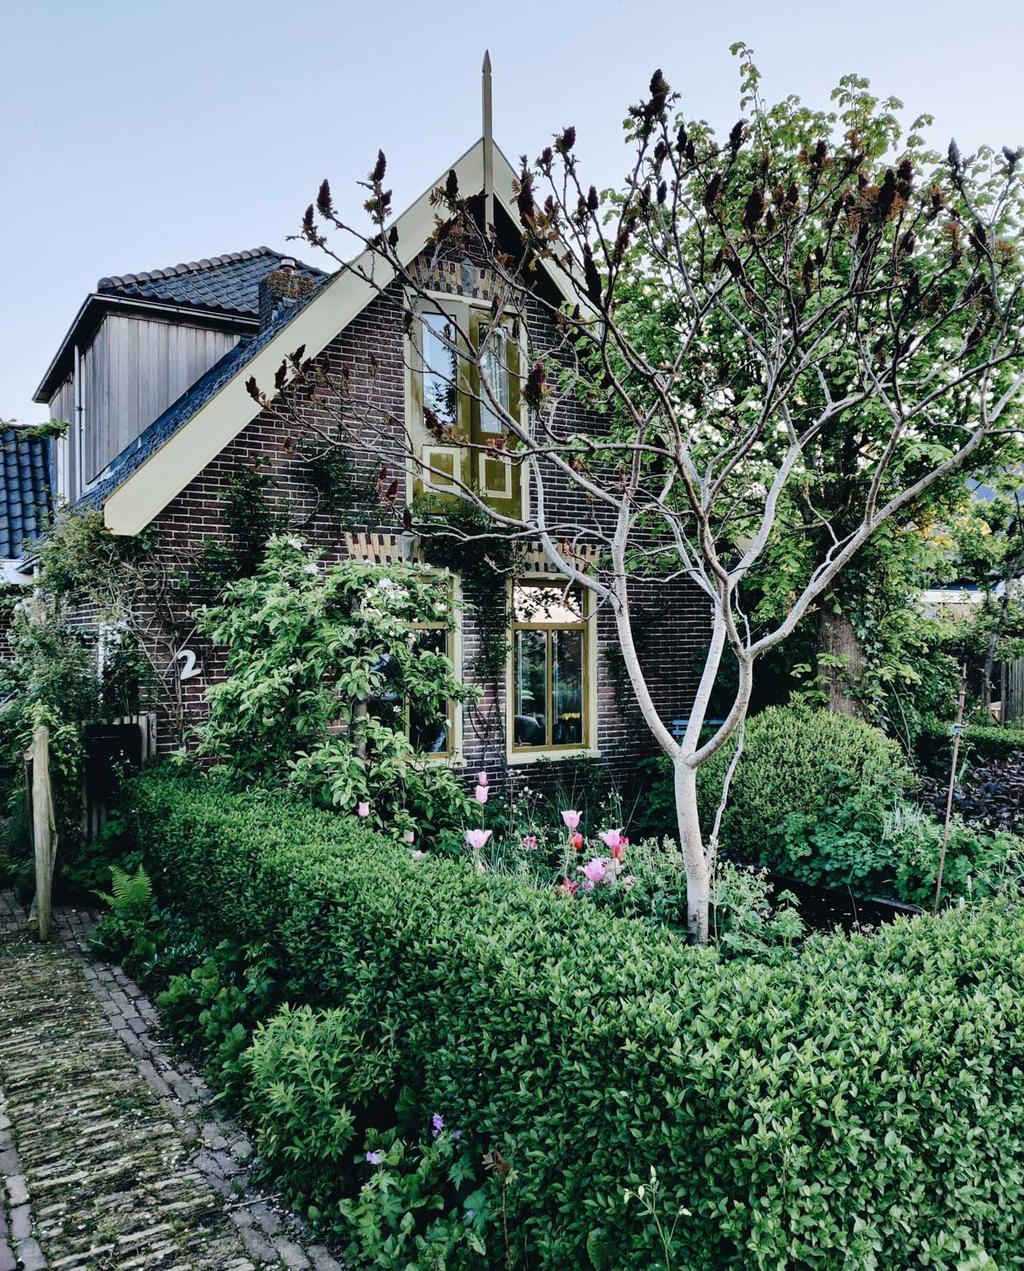 voorstellen nieuwe tuinbloggers vivian en mark | huis van de buitenkant met fruitboom in de voortuin